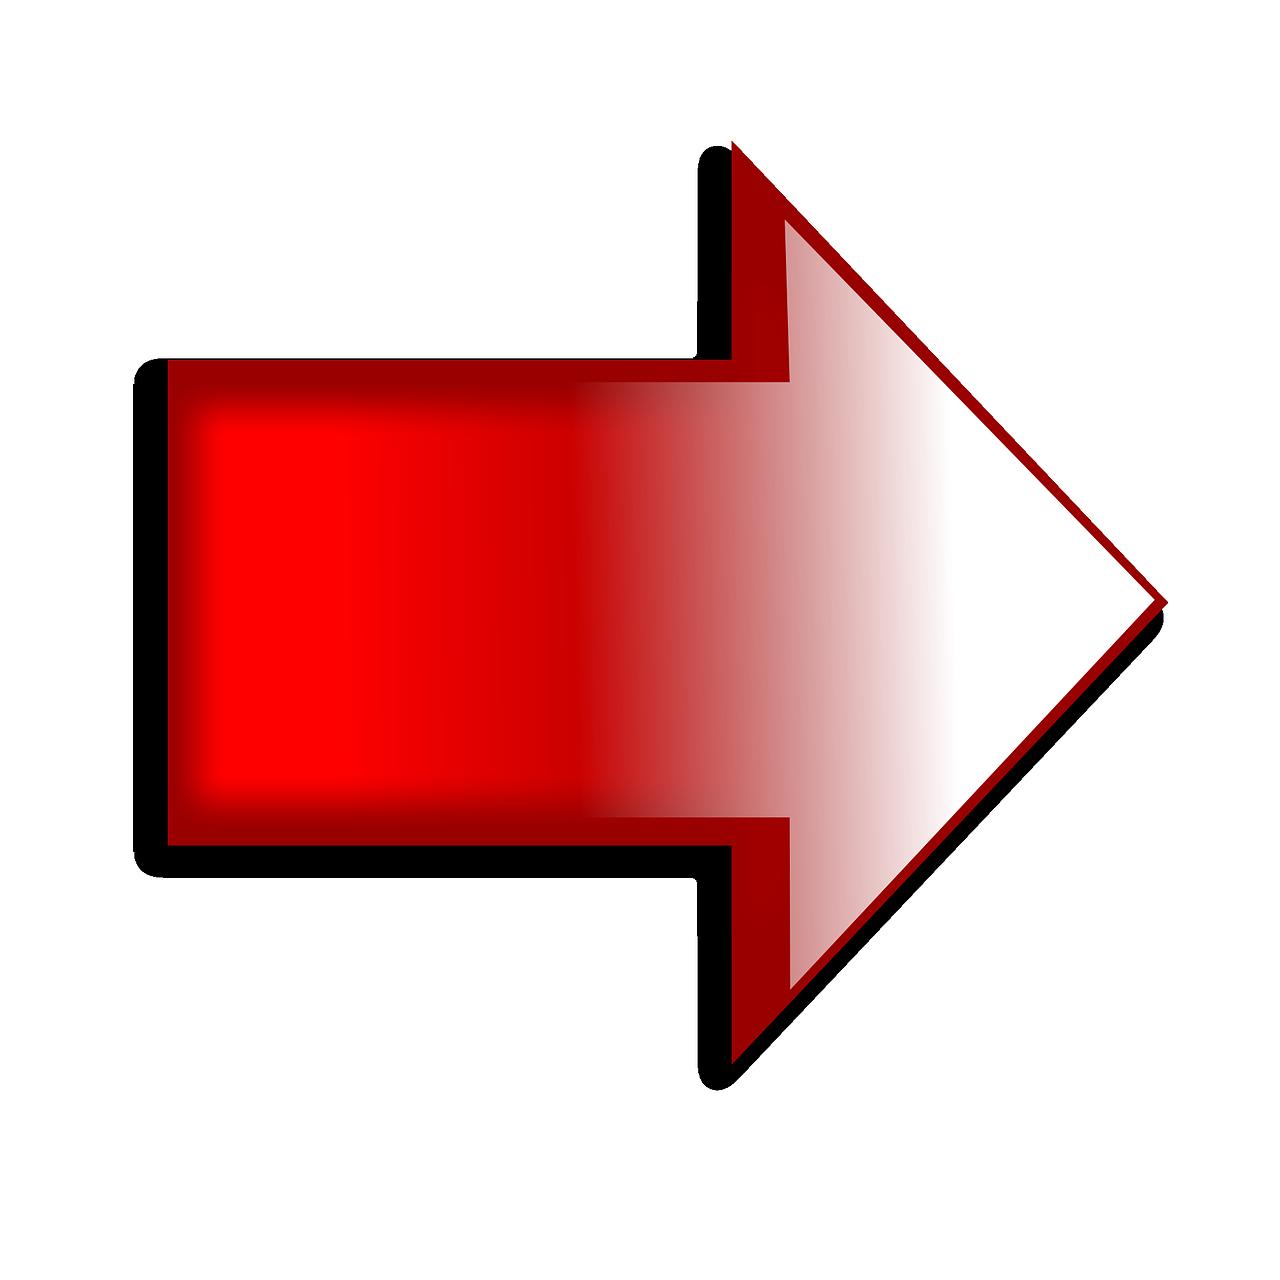 Đúng Mũi Tên Màu Đỏ Biểu - Ảnh miễn phí trên Pixabay